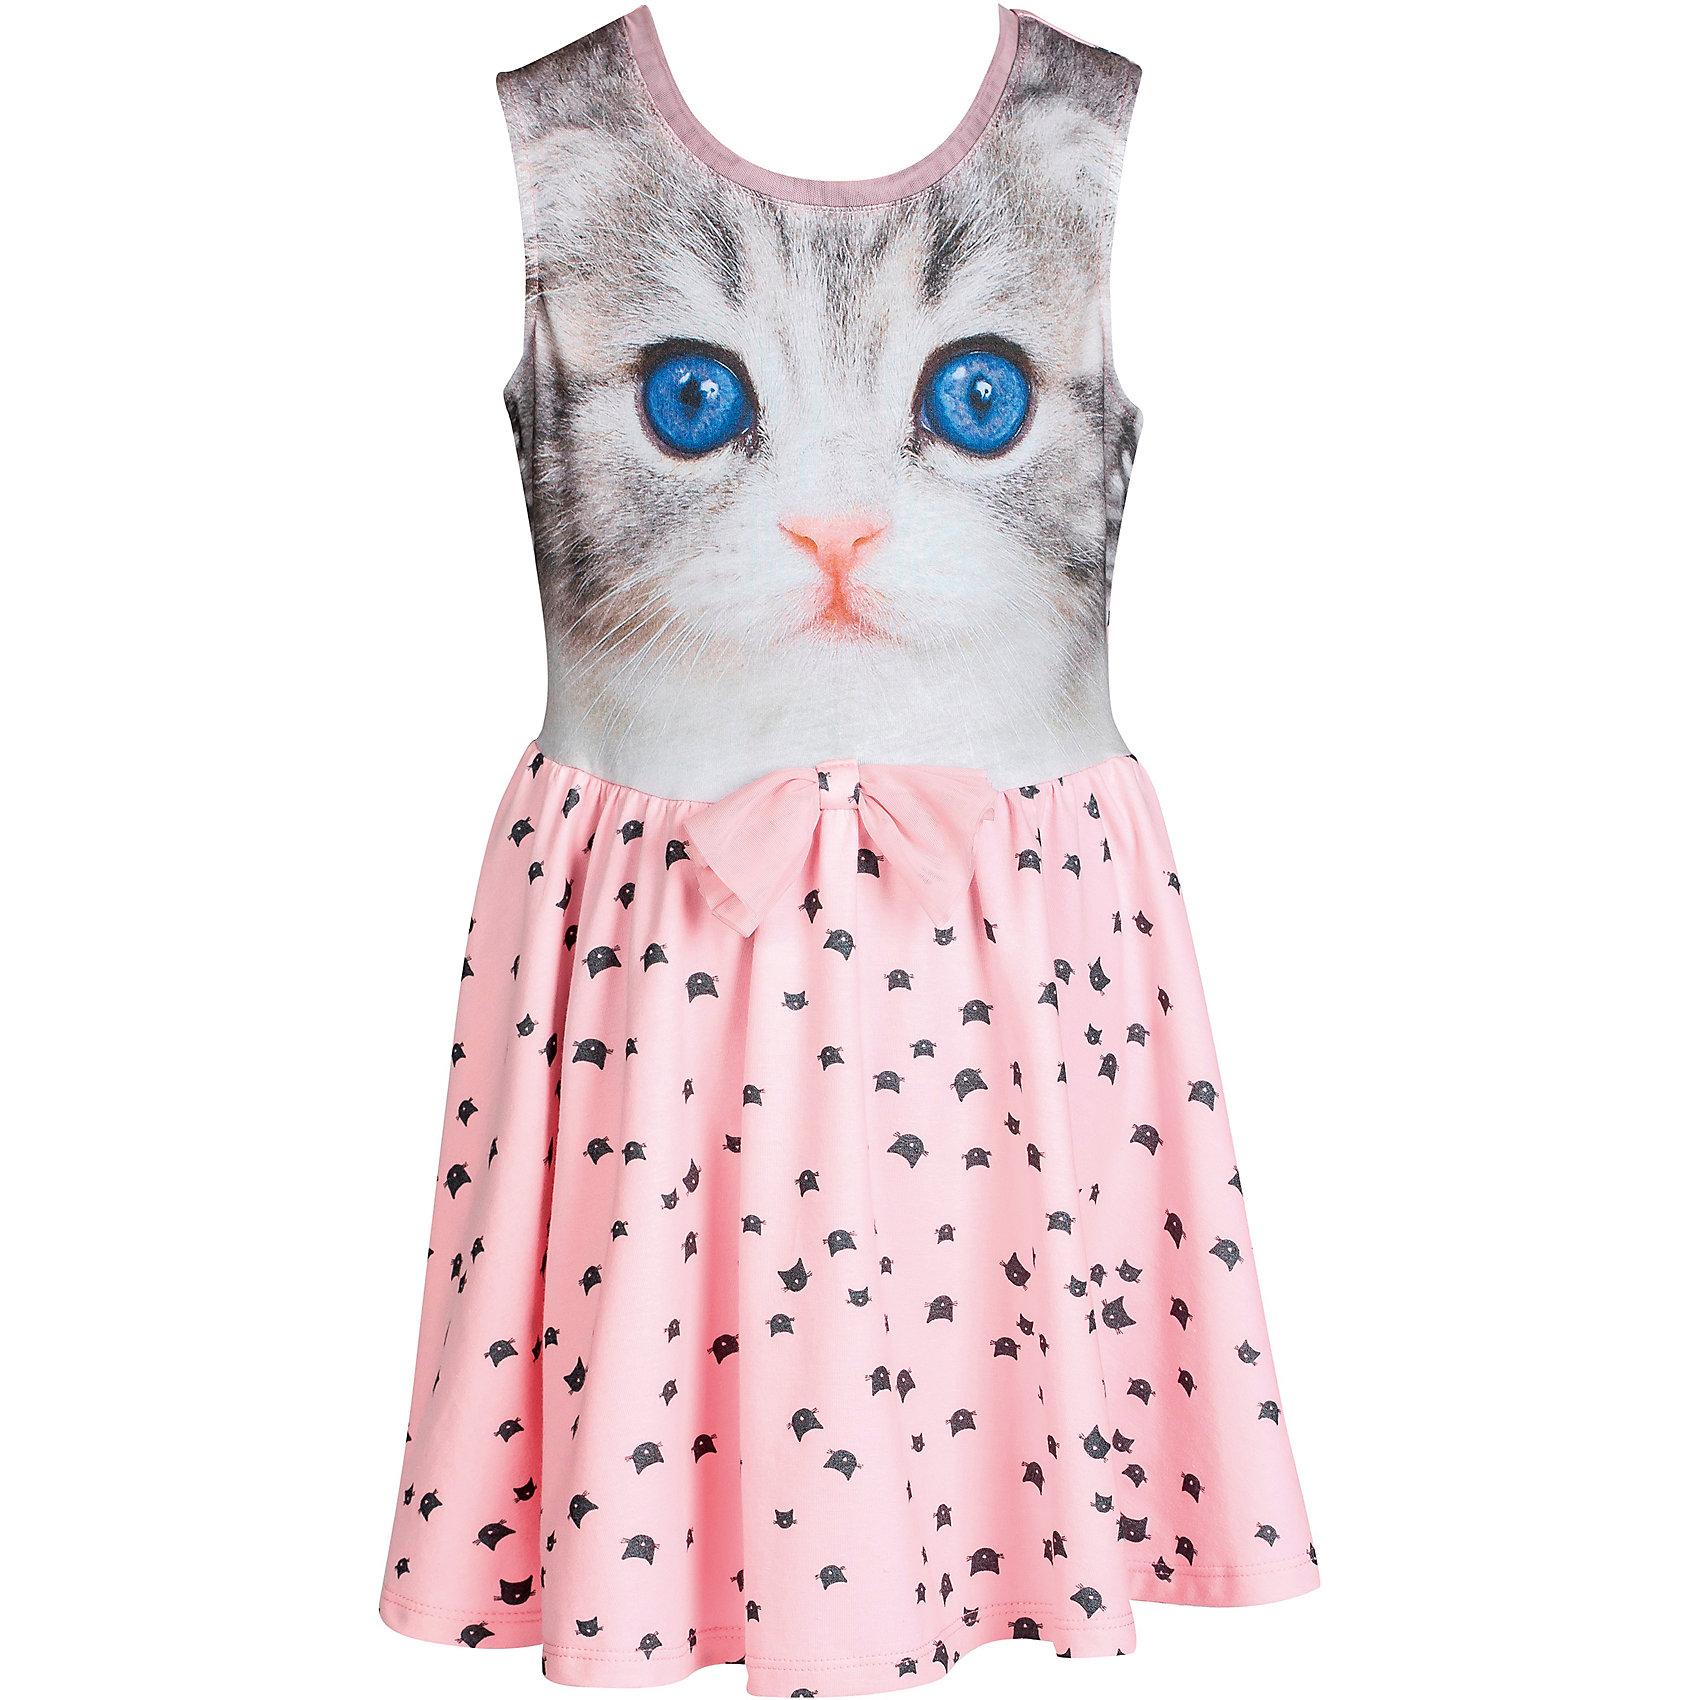 Bell Bimbo Платье для девочки Bell Bimbo bell bimbo комплект футболка и юбка для девочки bell bimbo